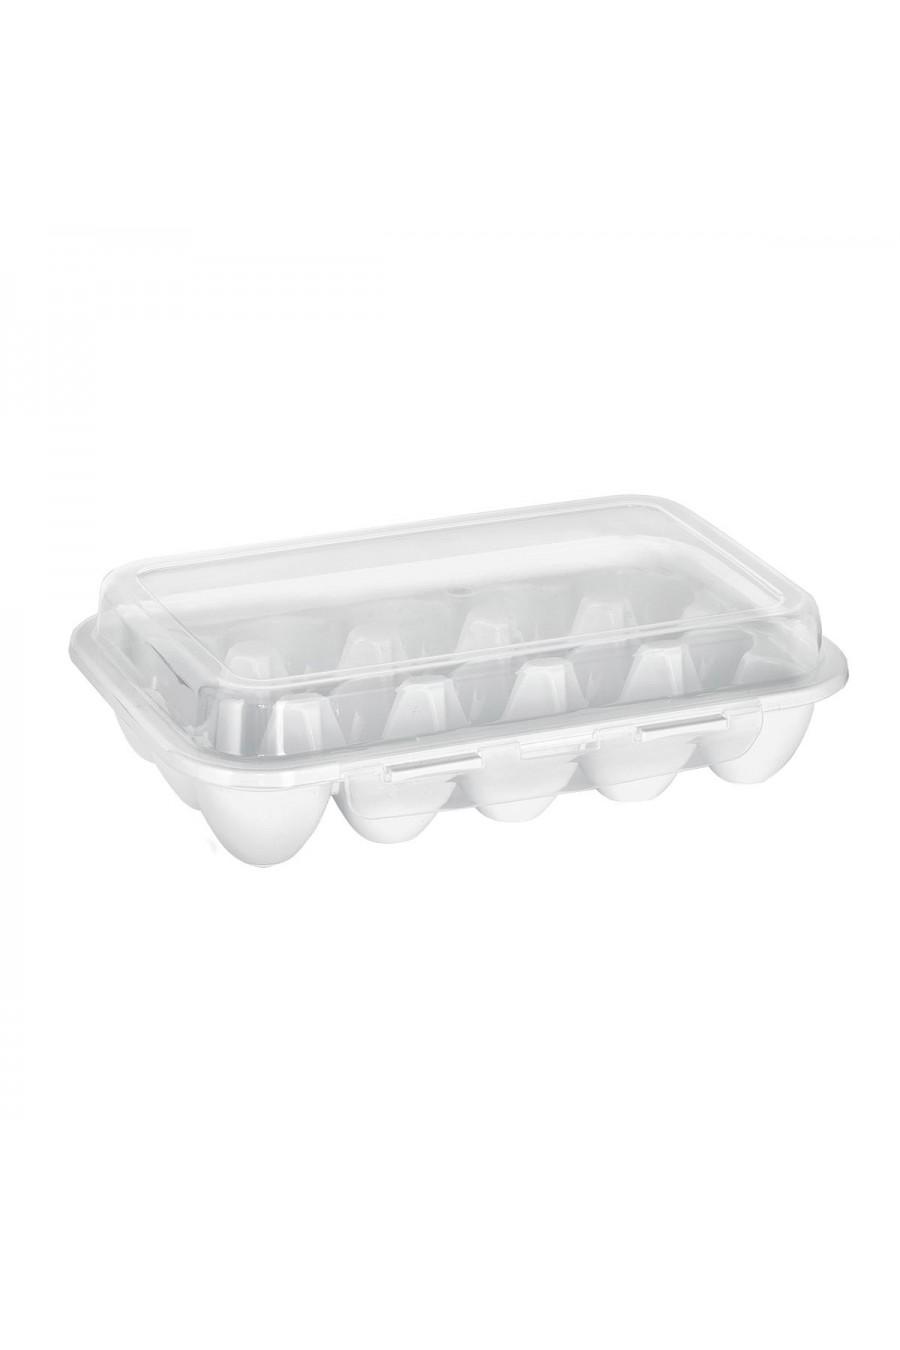 PlastArt Kilit Kapaklı Yumurtalık | 15'li